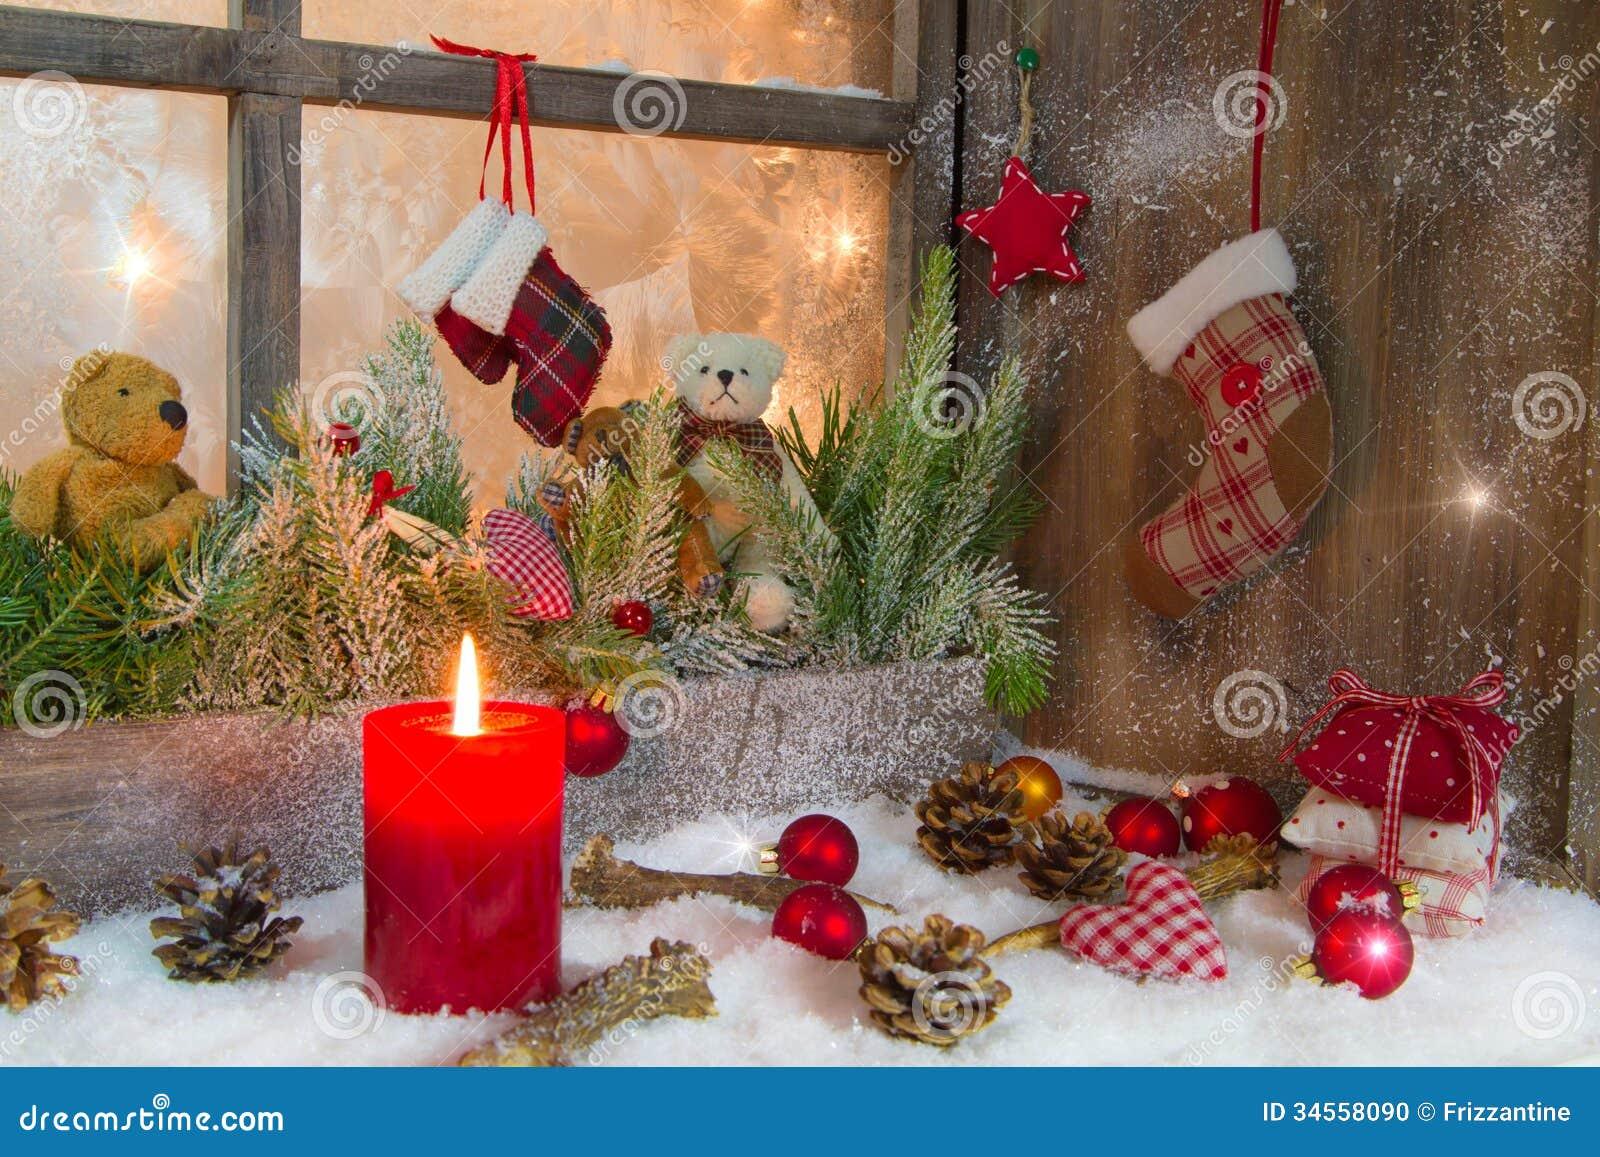 schaufensterdekoration u2013 bilder bilder wohnzimmerz dekorationsideen weihnachten with. Black Bedroom Furniture Sets. Home Design Ideas